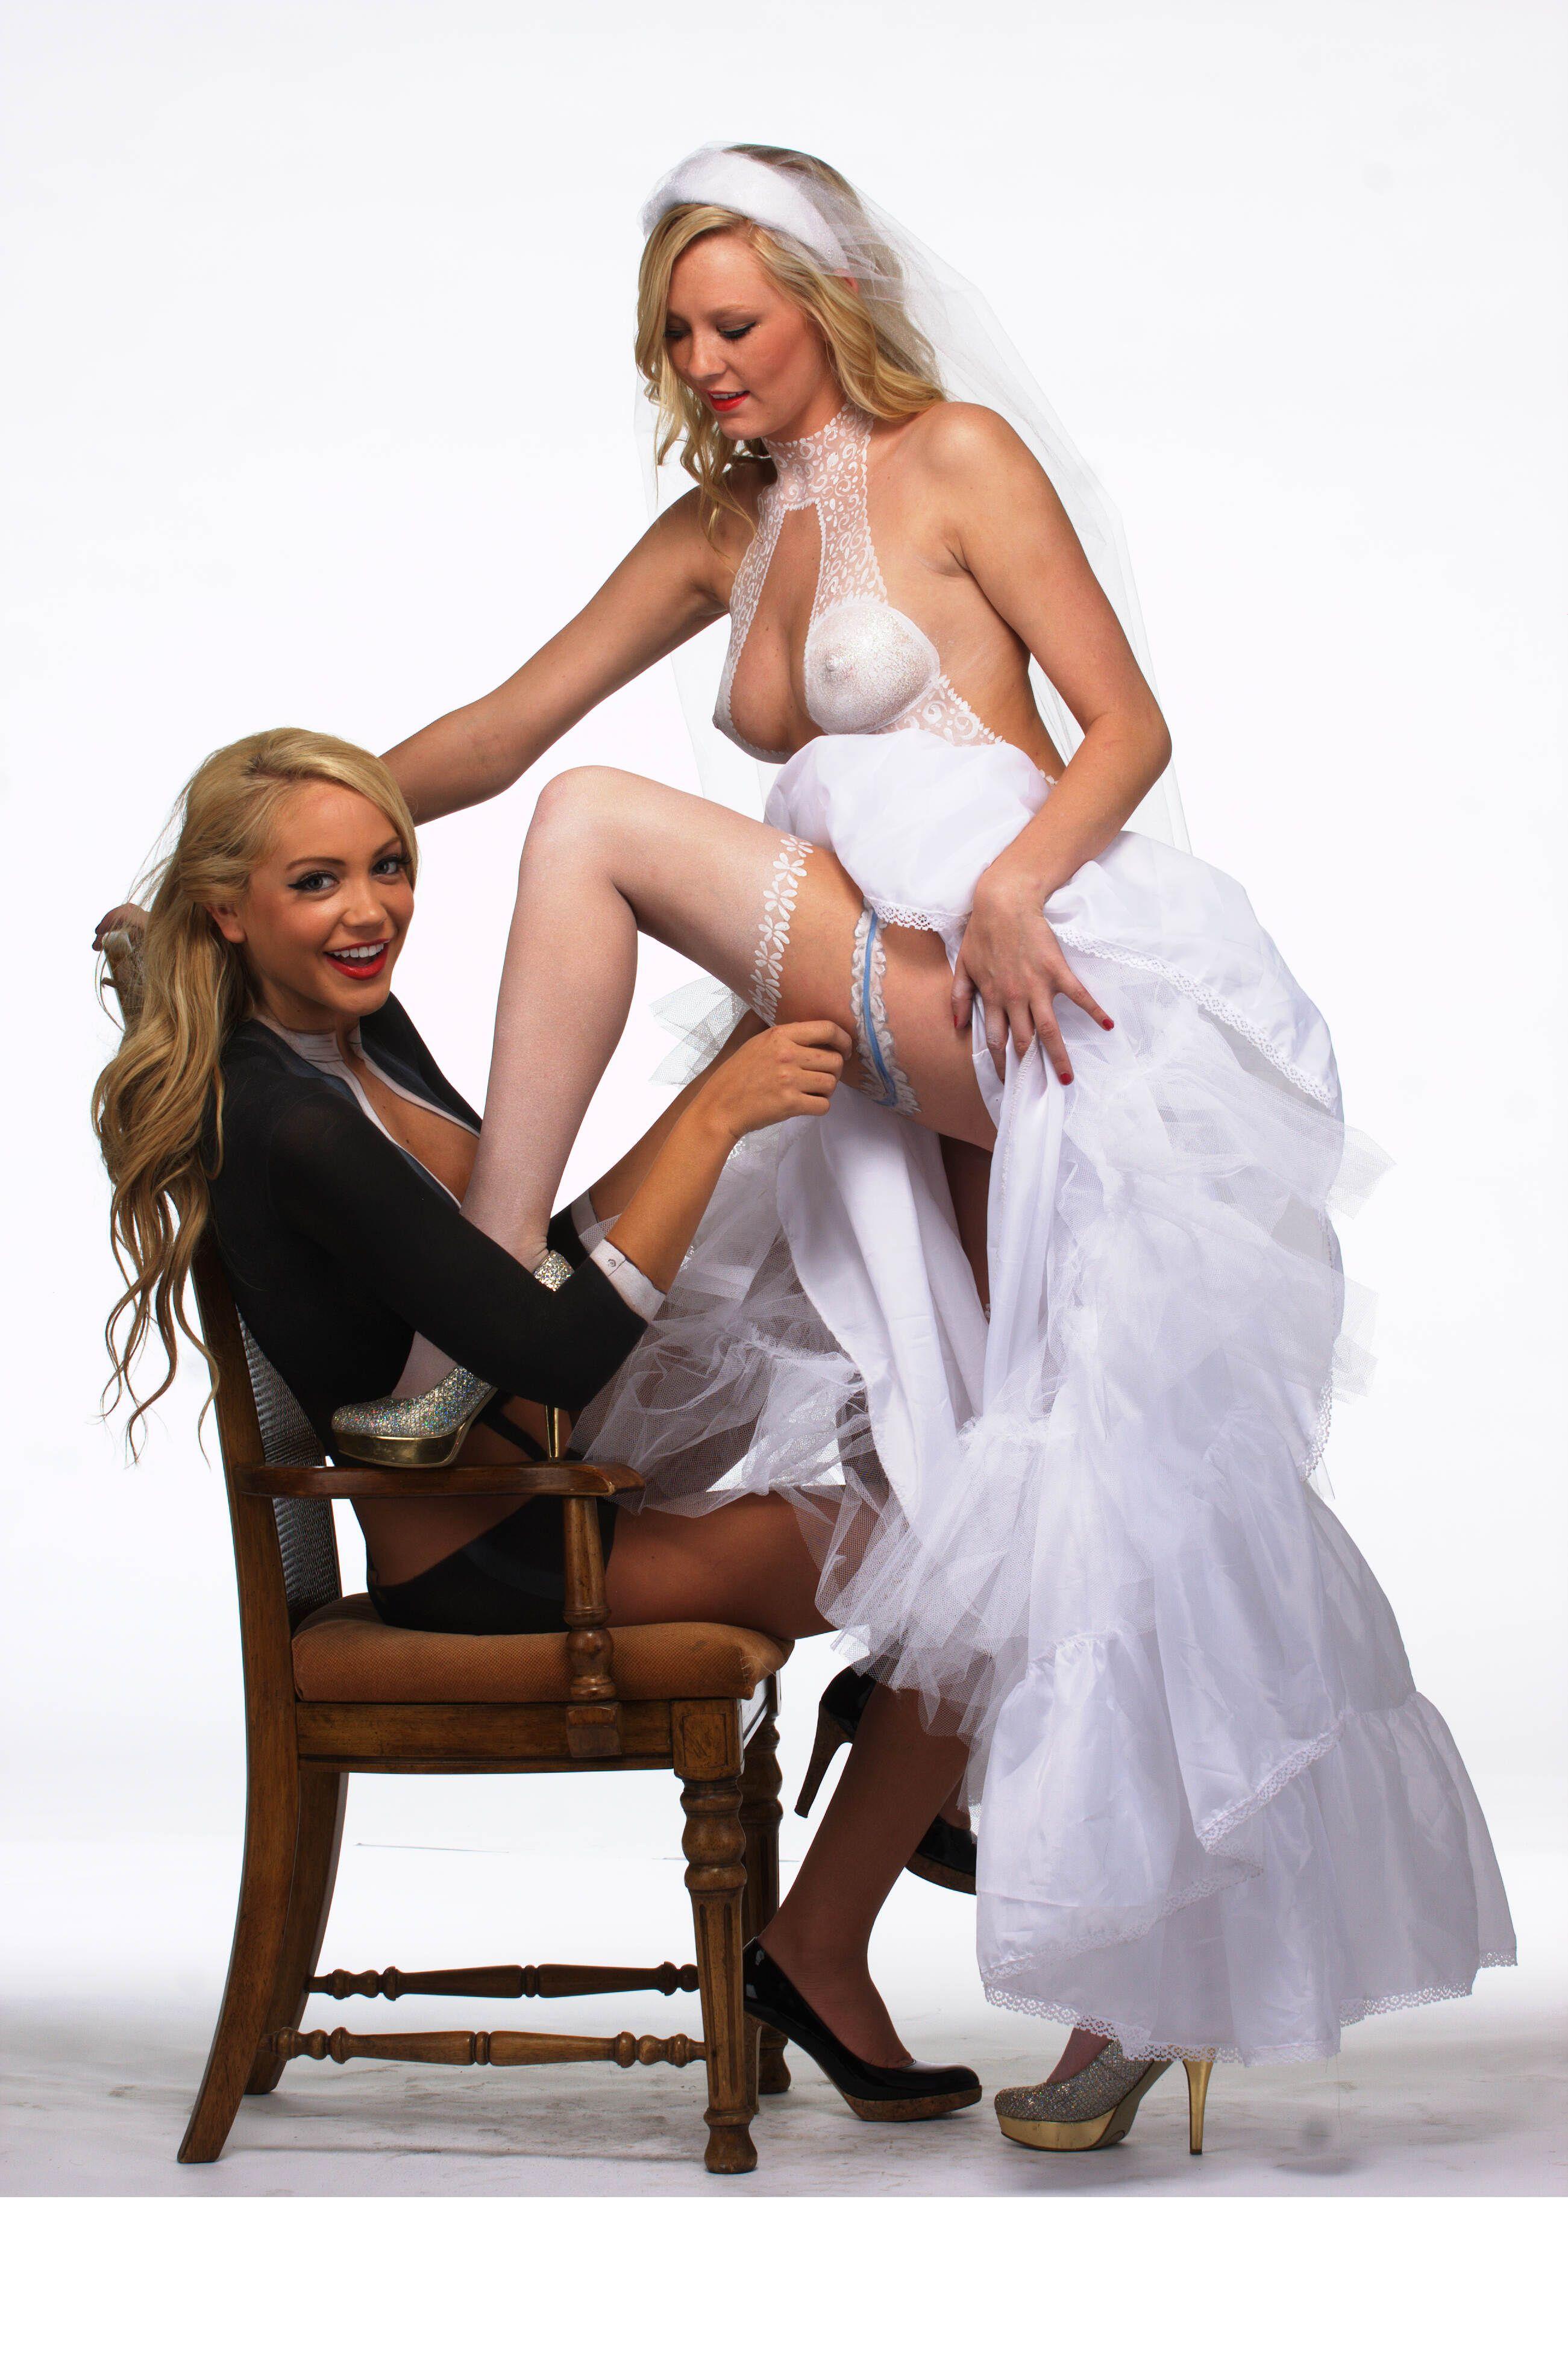 Pin On Las Vegas Wedding Ideas